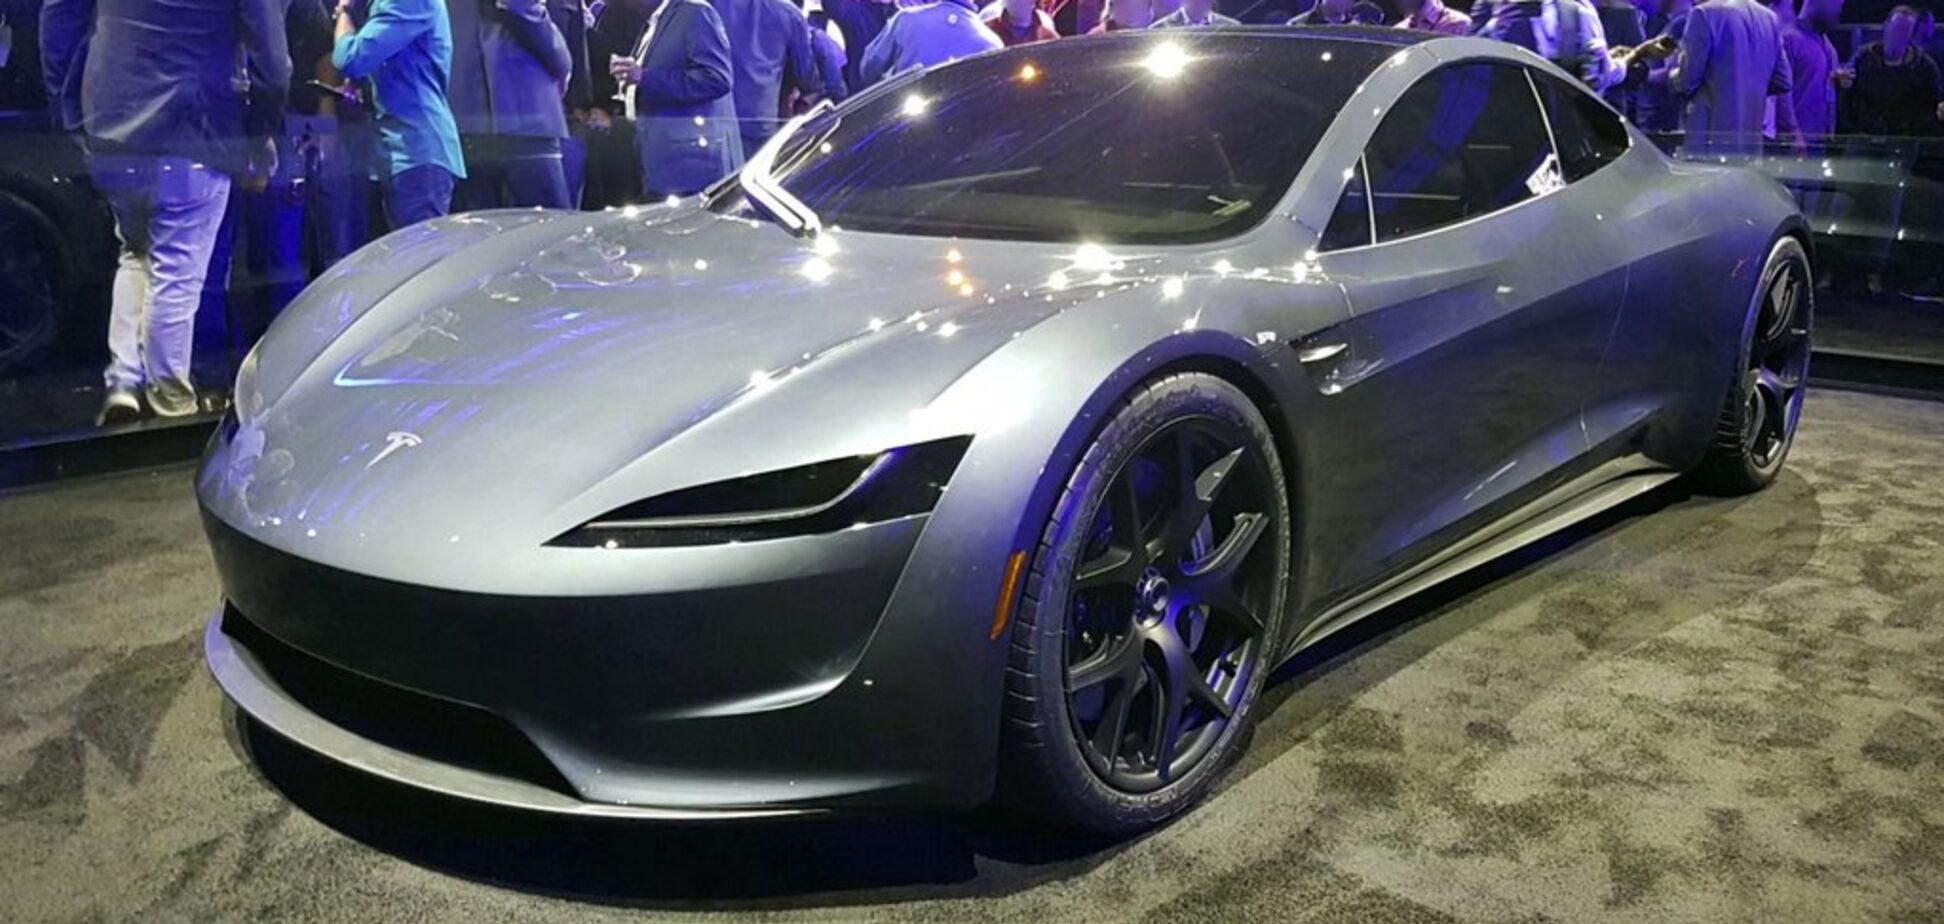 Ілон Маск здивував соцмережі цікавою особливістю нового електрокара Tesla Roadster 2